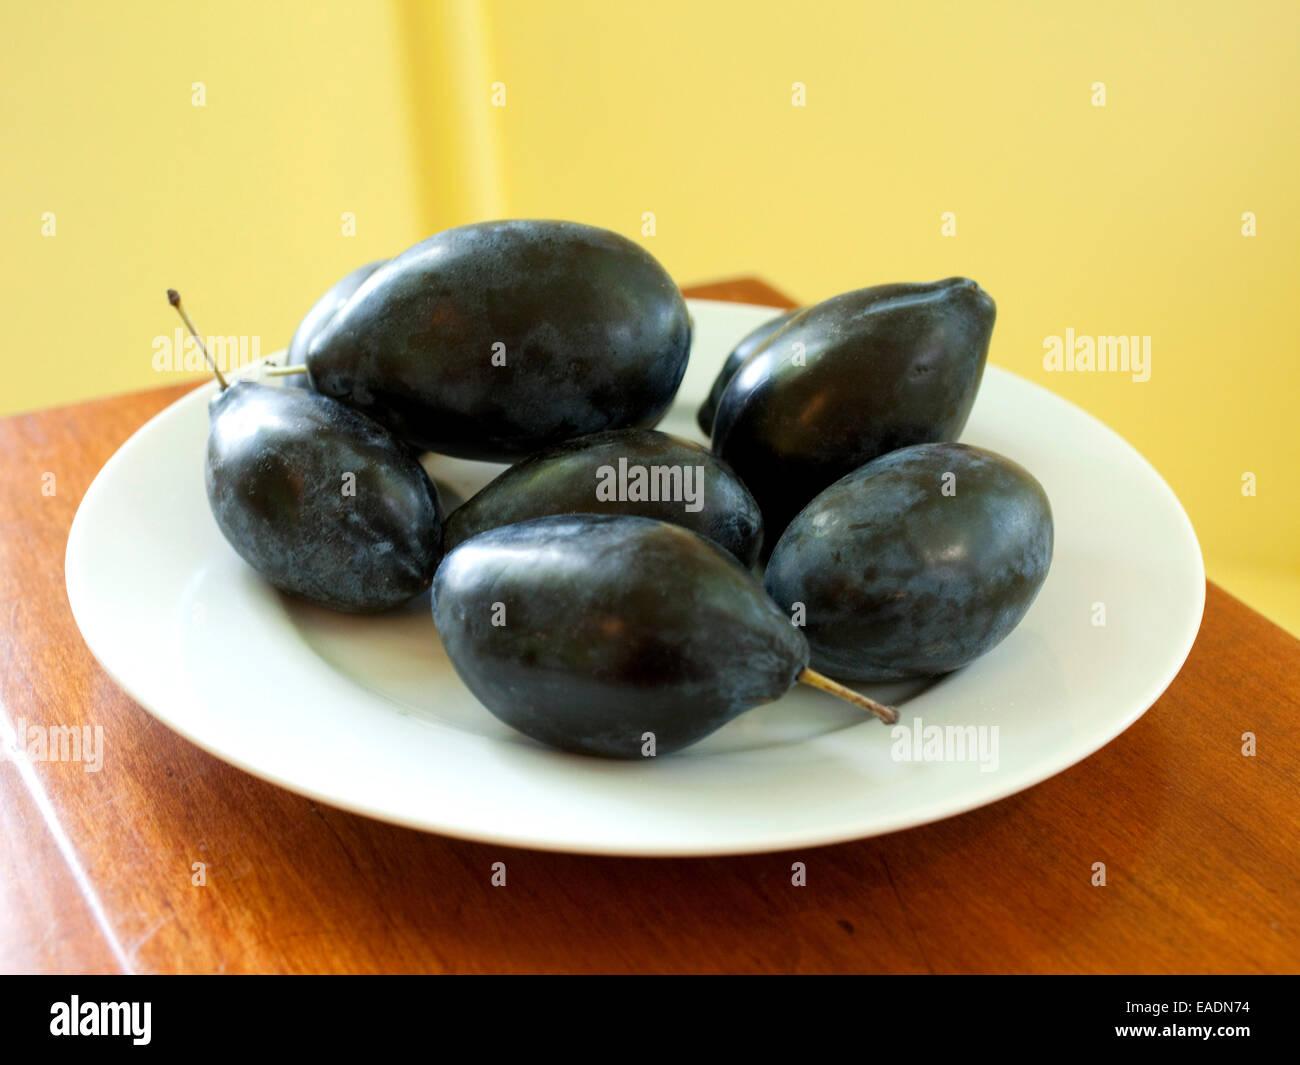 Schwarze Pflaumen auf weißen Teller In Küche Stockbild